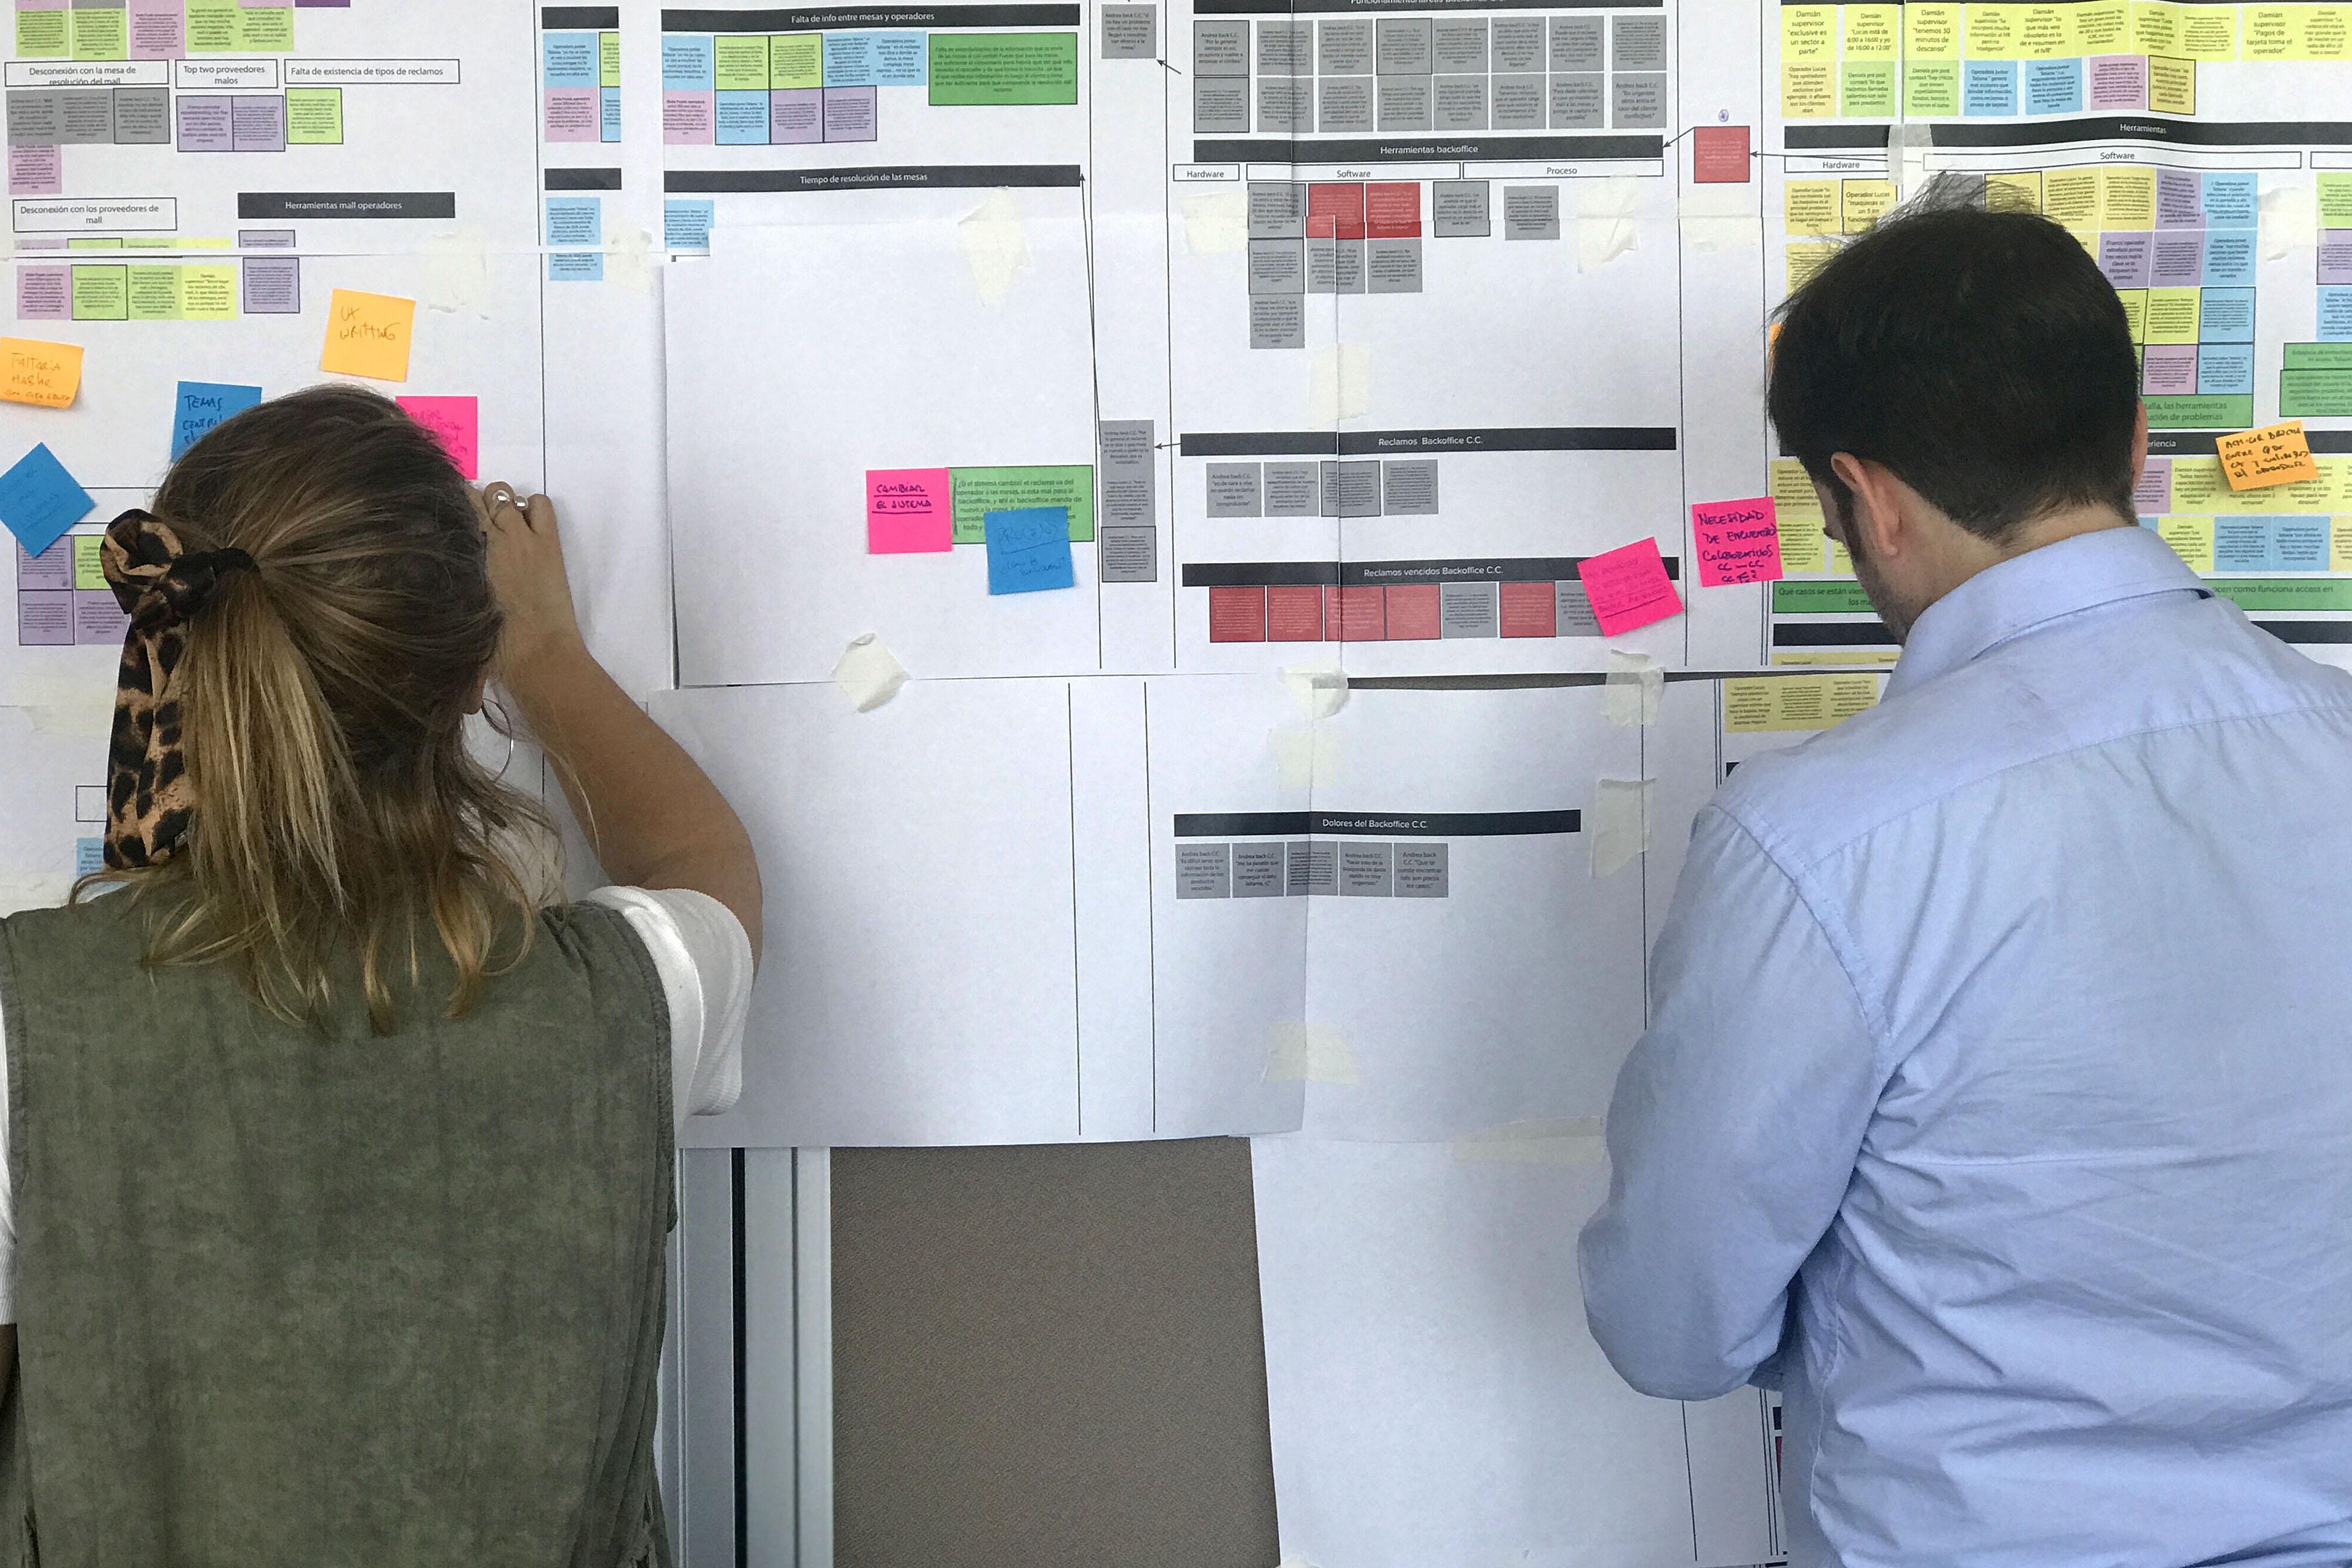 Dos personas mirando una pared con post-its pegados en la misma